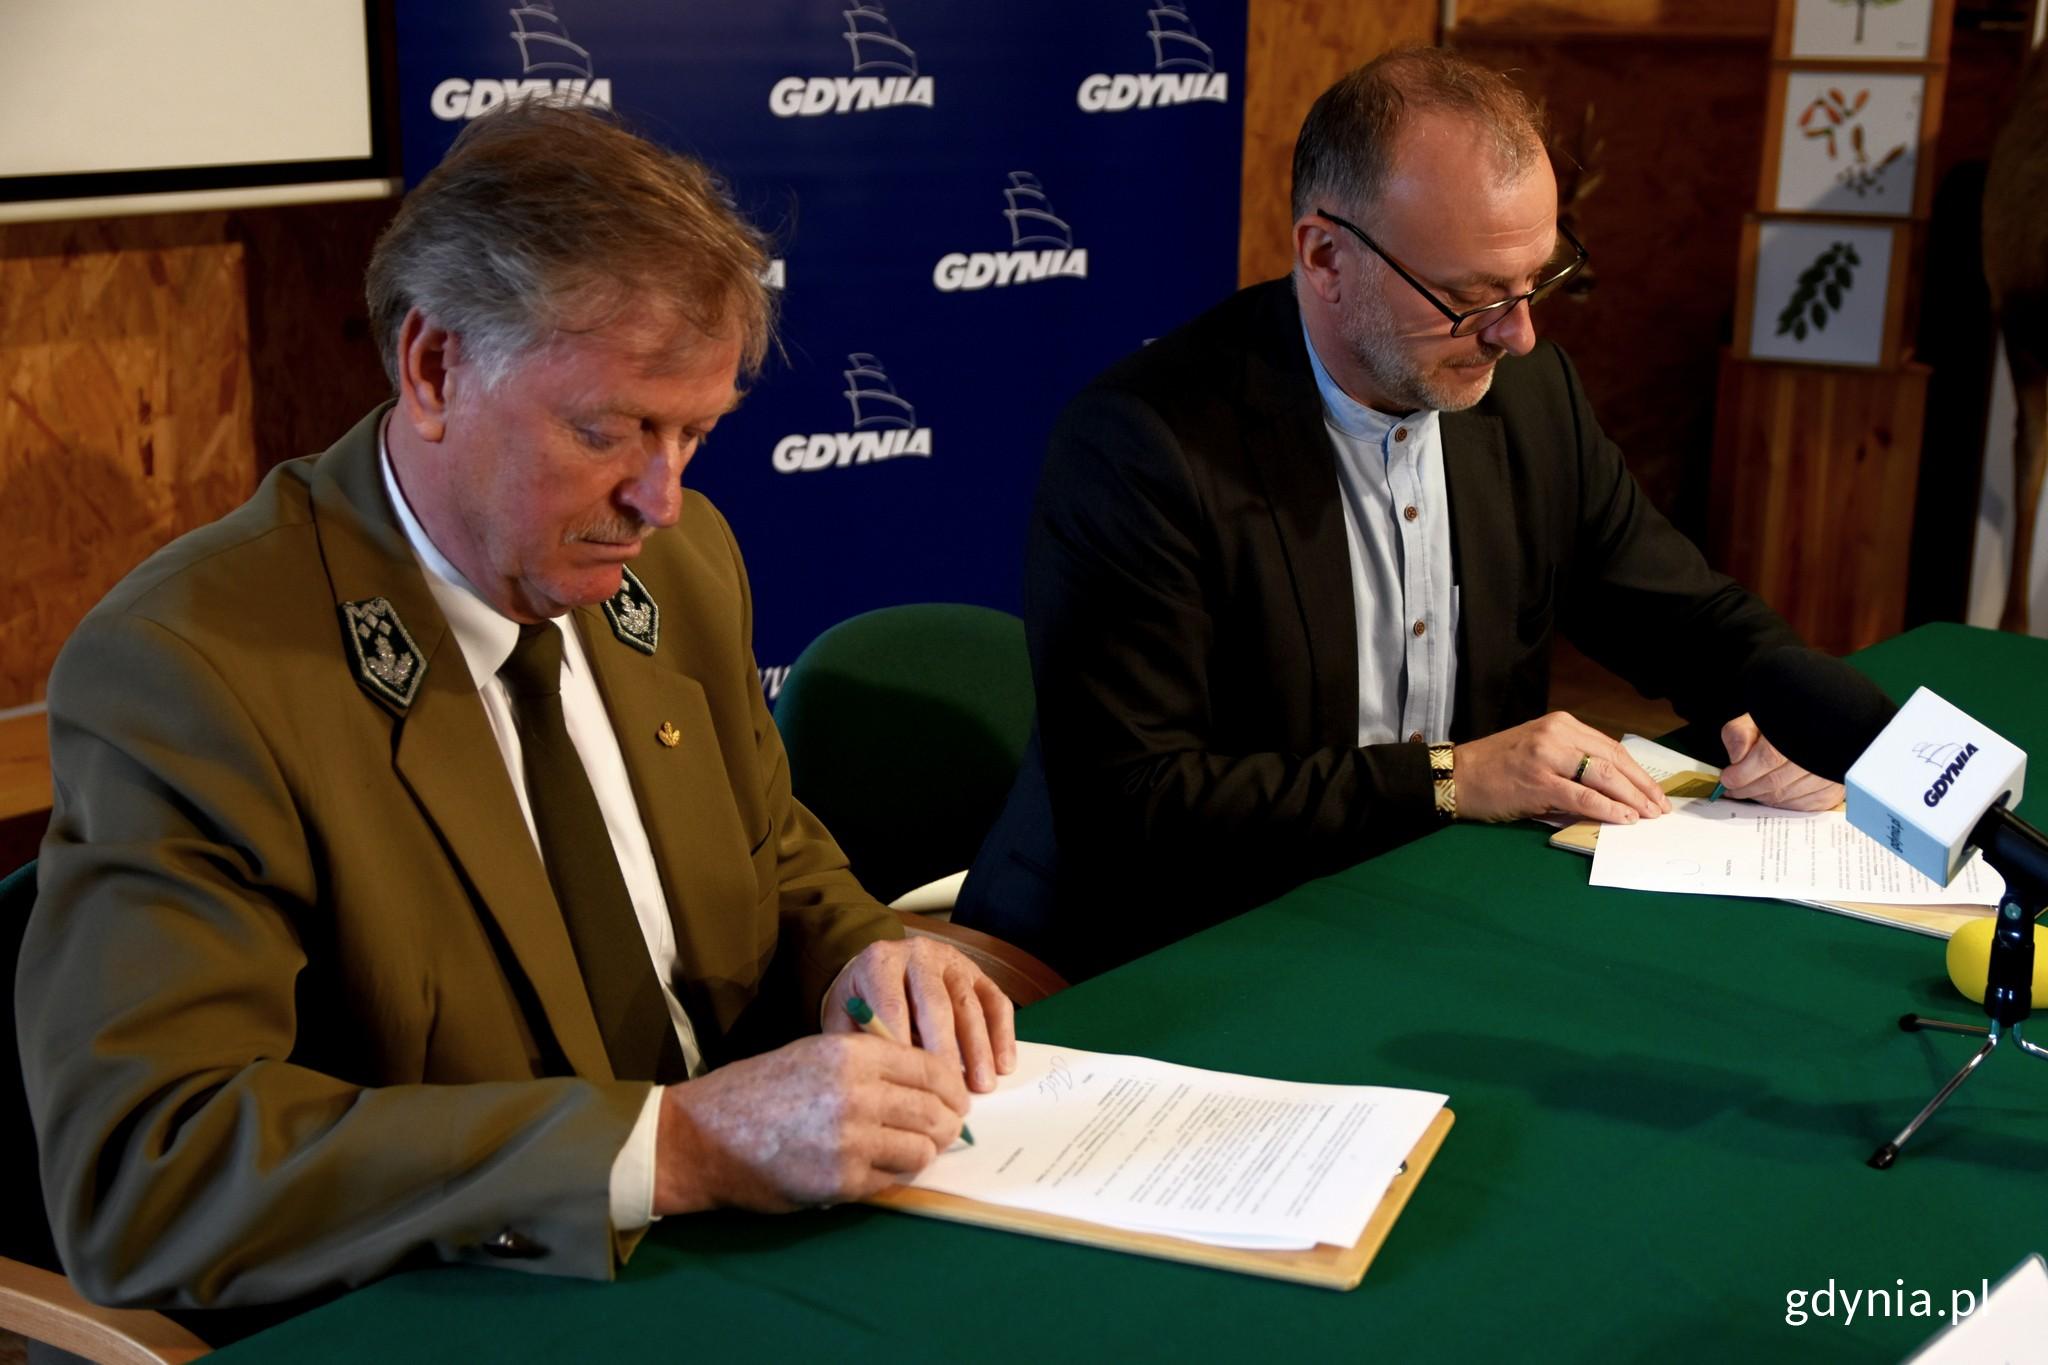 Porozumienie o współpracy podpisali: Janusz Mikoś, nadleśniczy Nadleśnictwa Gdańsk i Michał Guć, wiceprezydent Gdyni ds. innowacji, fot. Paweł Kukla.